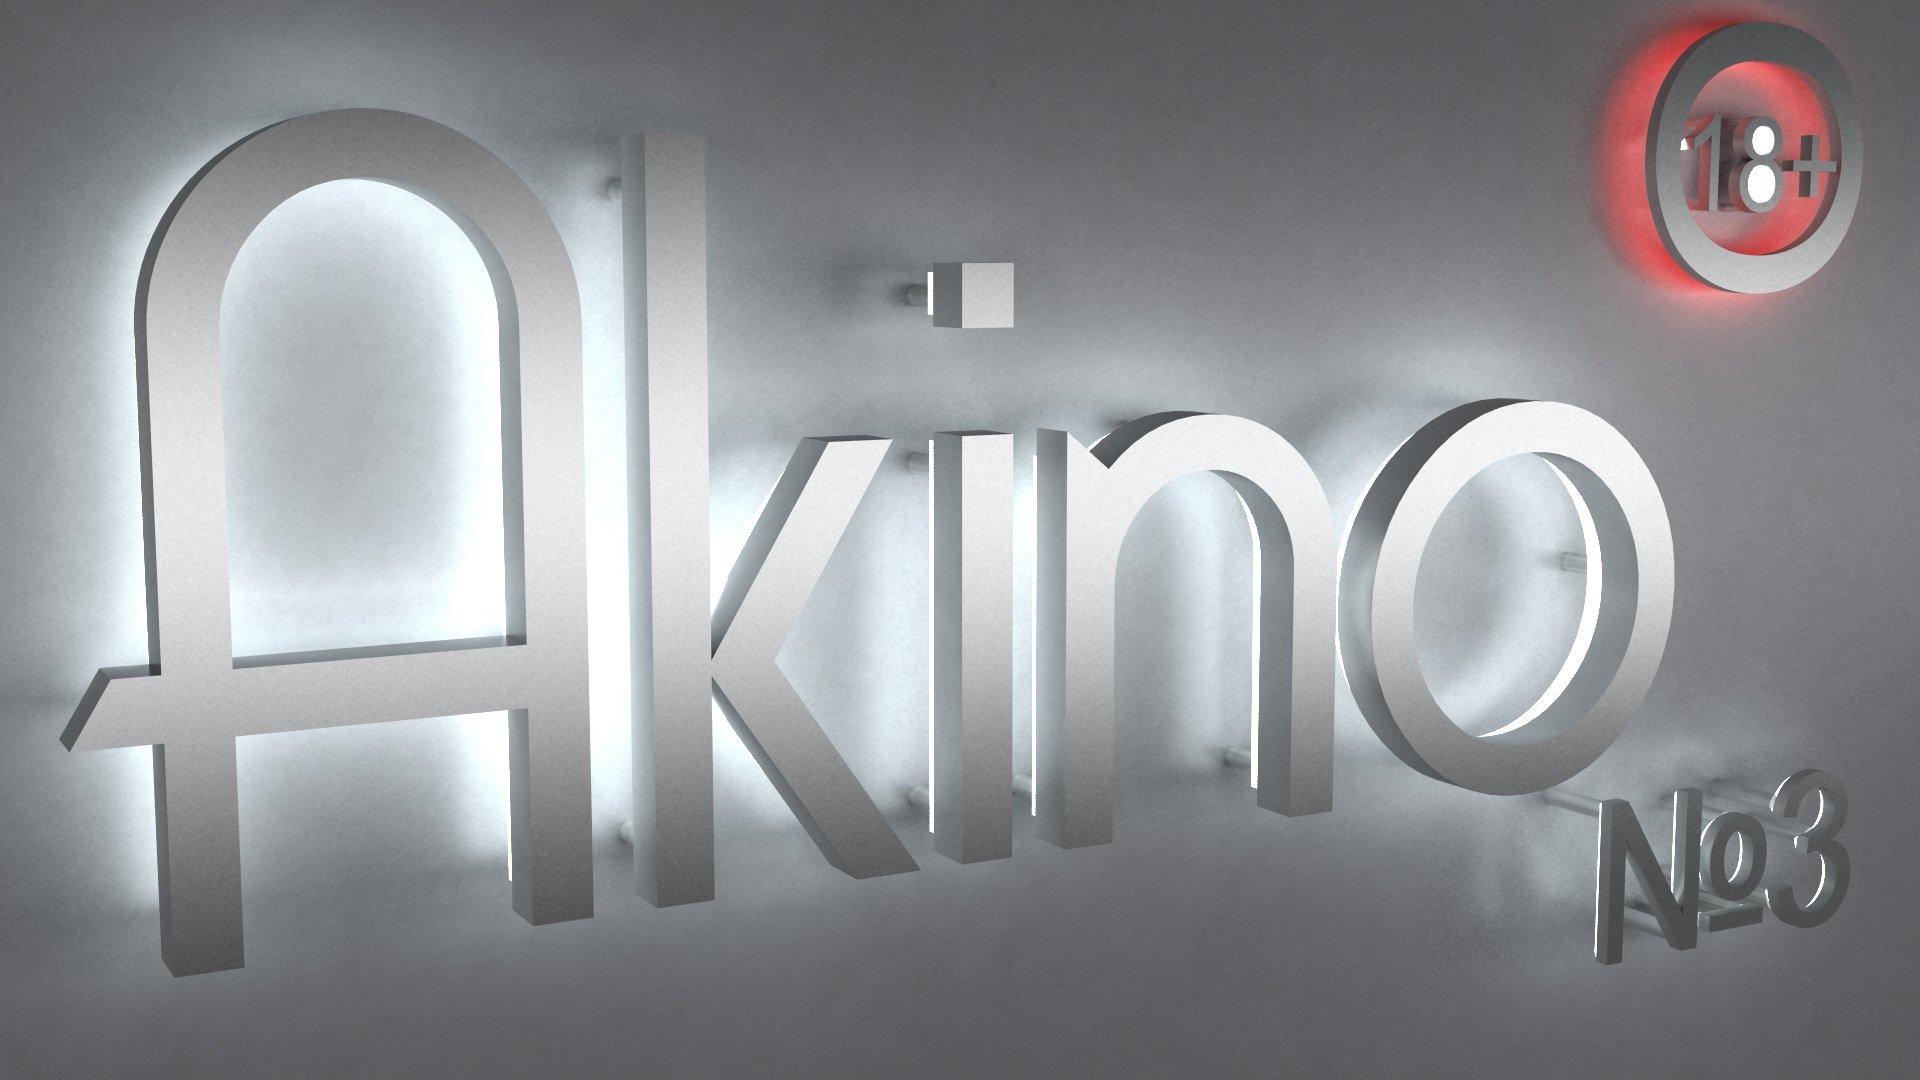 Подкаст AkiNO Выпуск №3 (18+) - Изображение 1